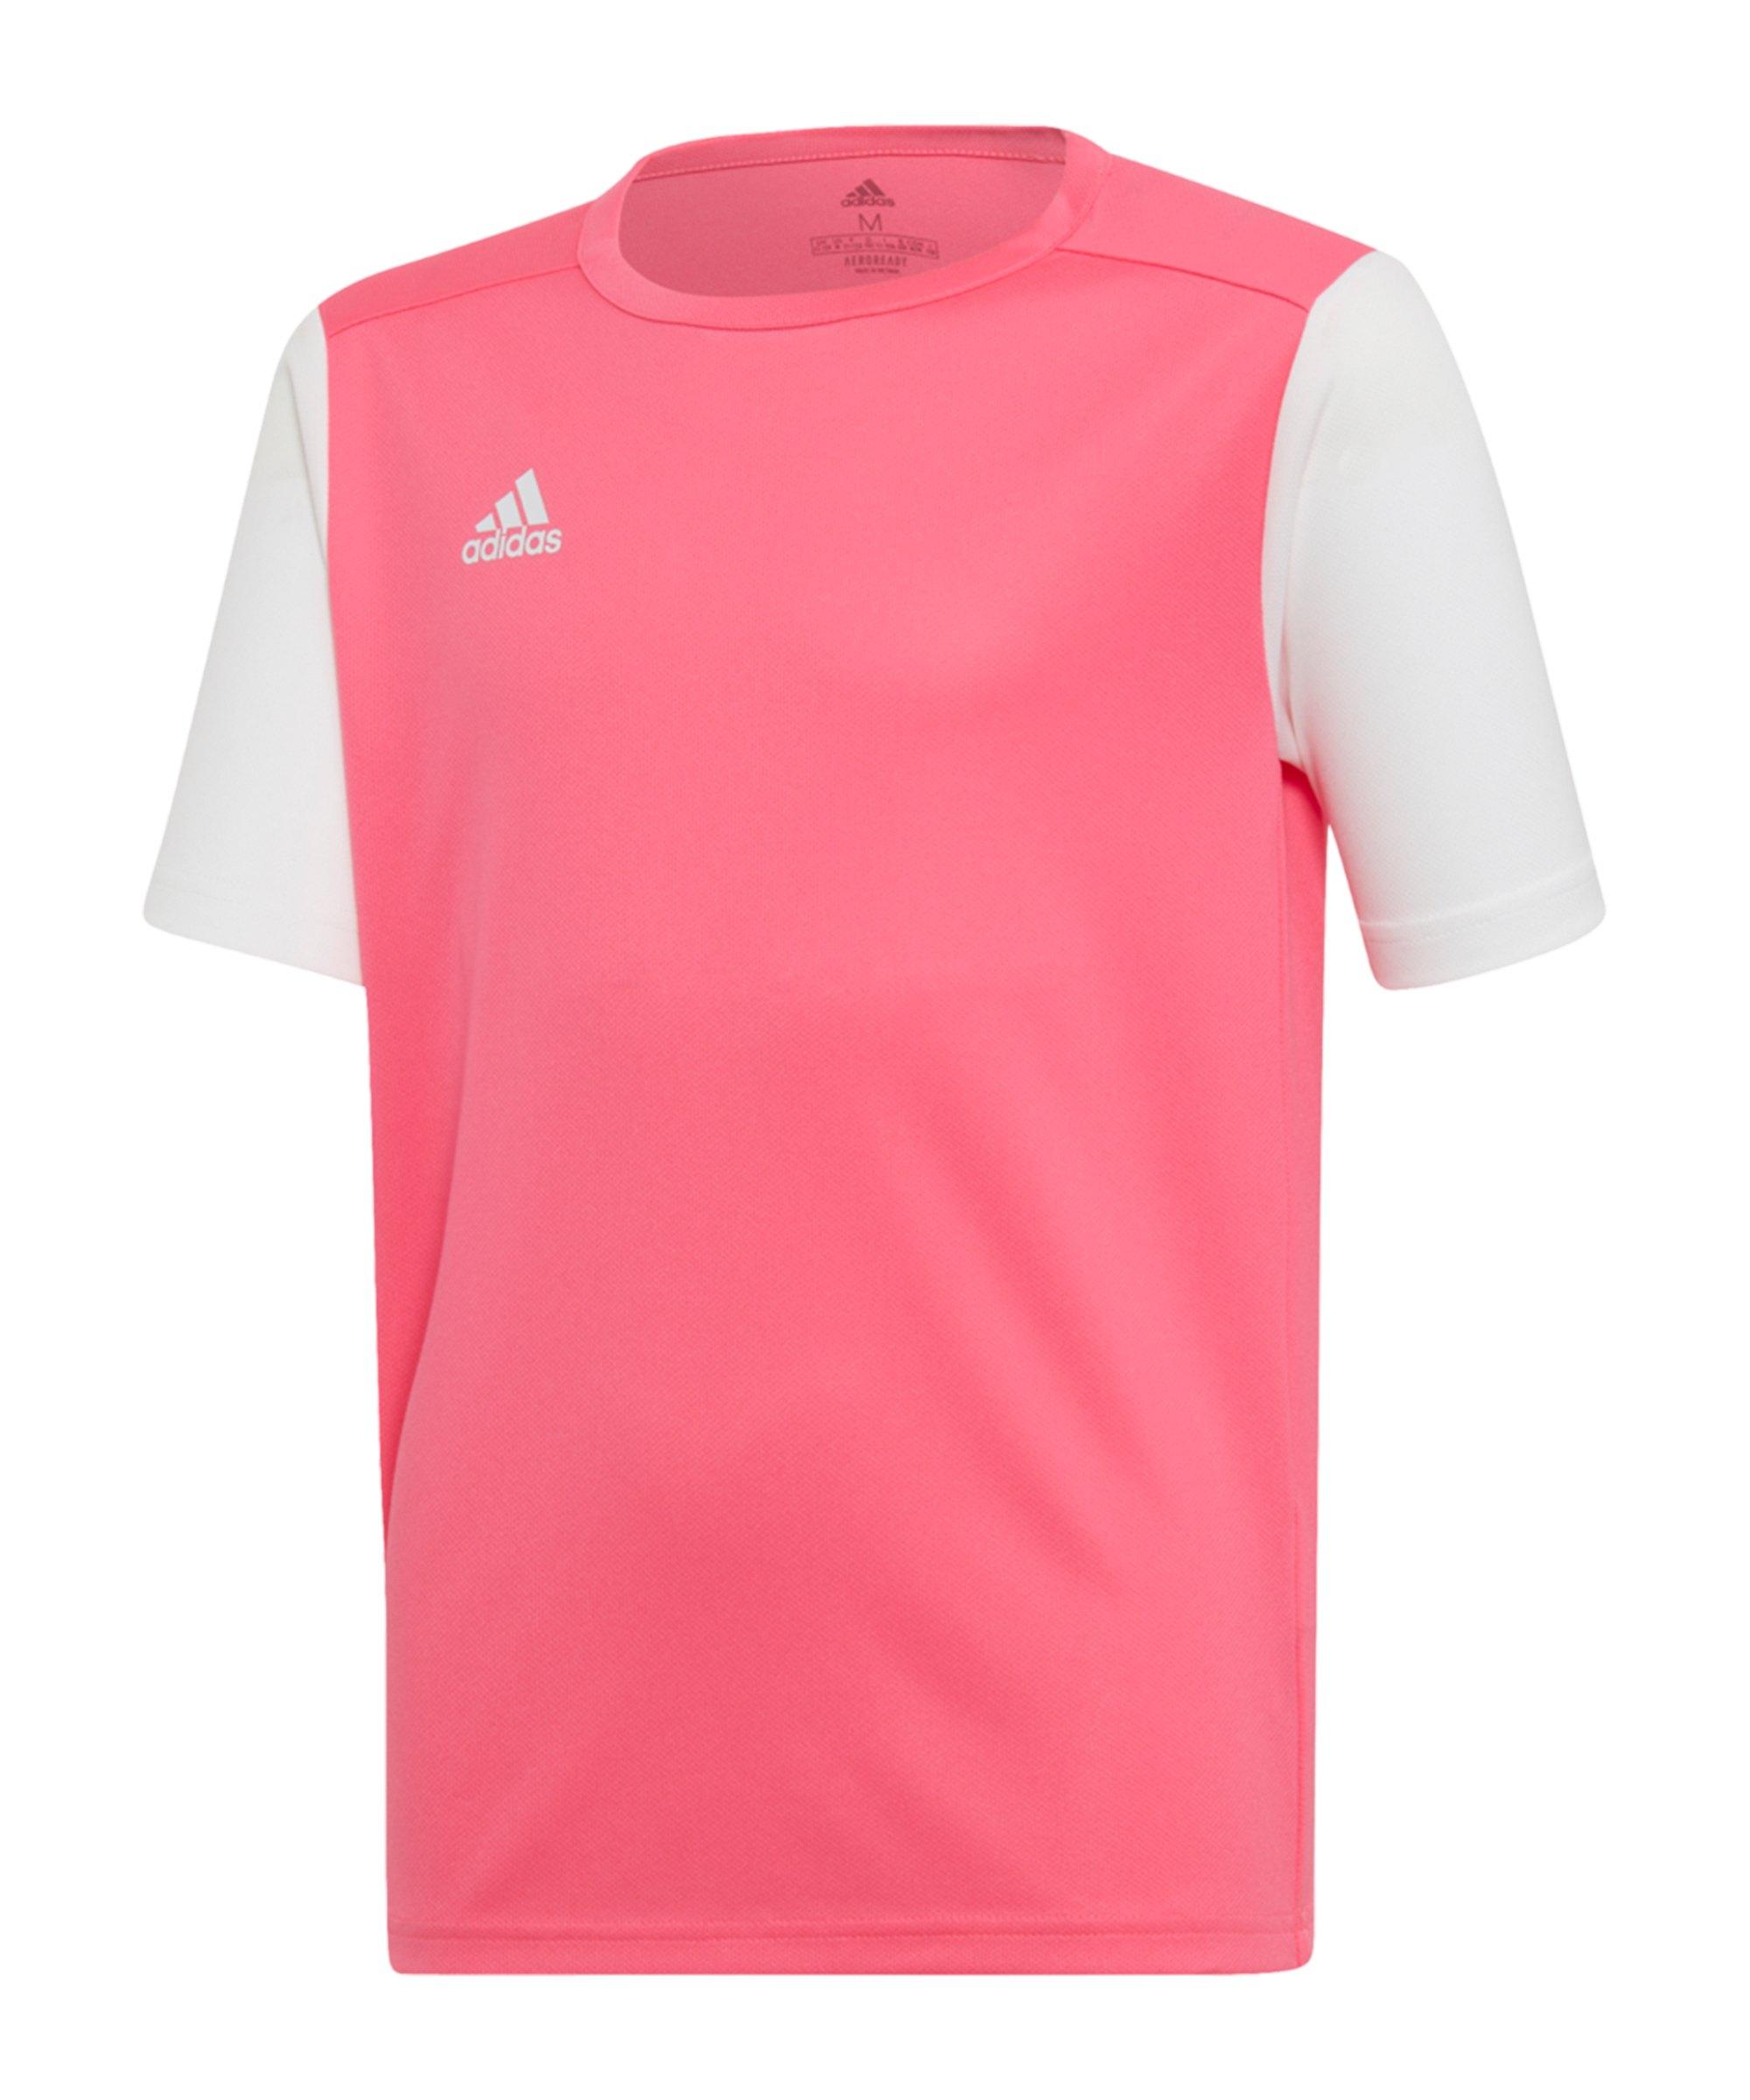 adidas Estro 19 Trikot kurzarm Kids Pink Weiss - pink